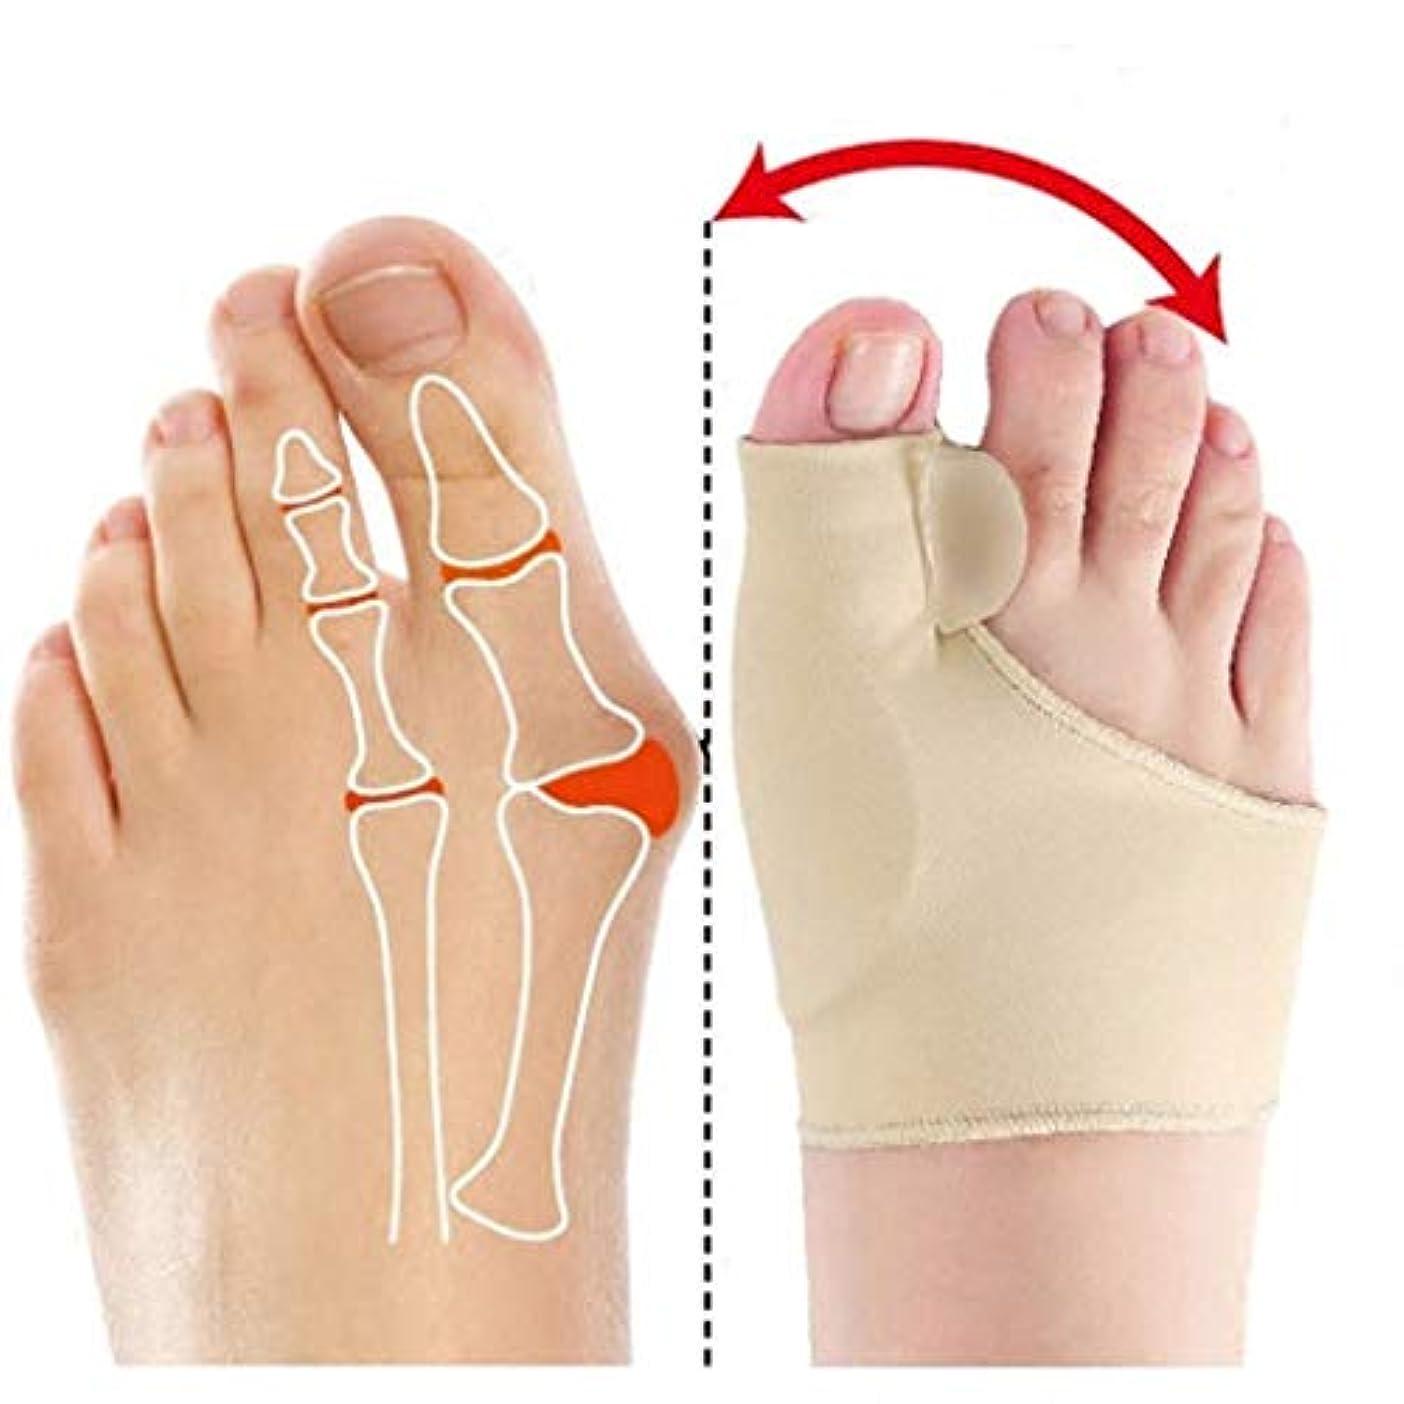 差し引くマオリテレマコスDyong Thumb Toe Corrector Big Toe Straightener Toe Pain Relief Sleeve、Bunion Splint Support Sleeve with Built-in...